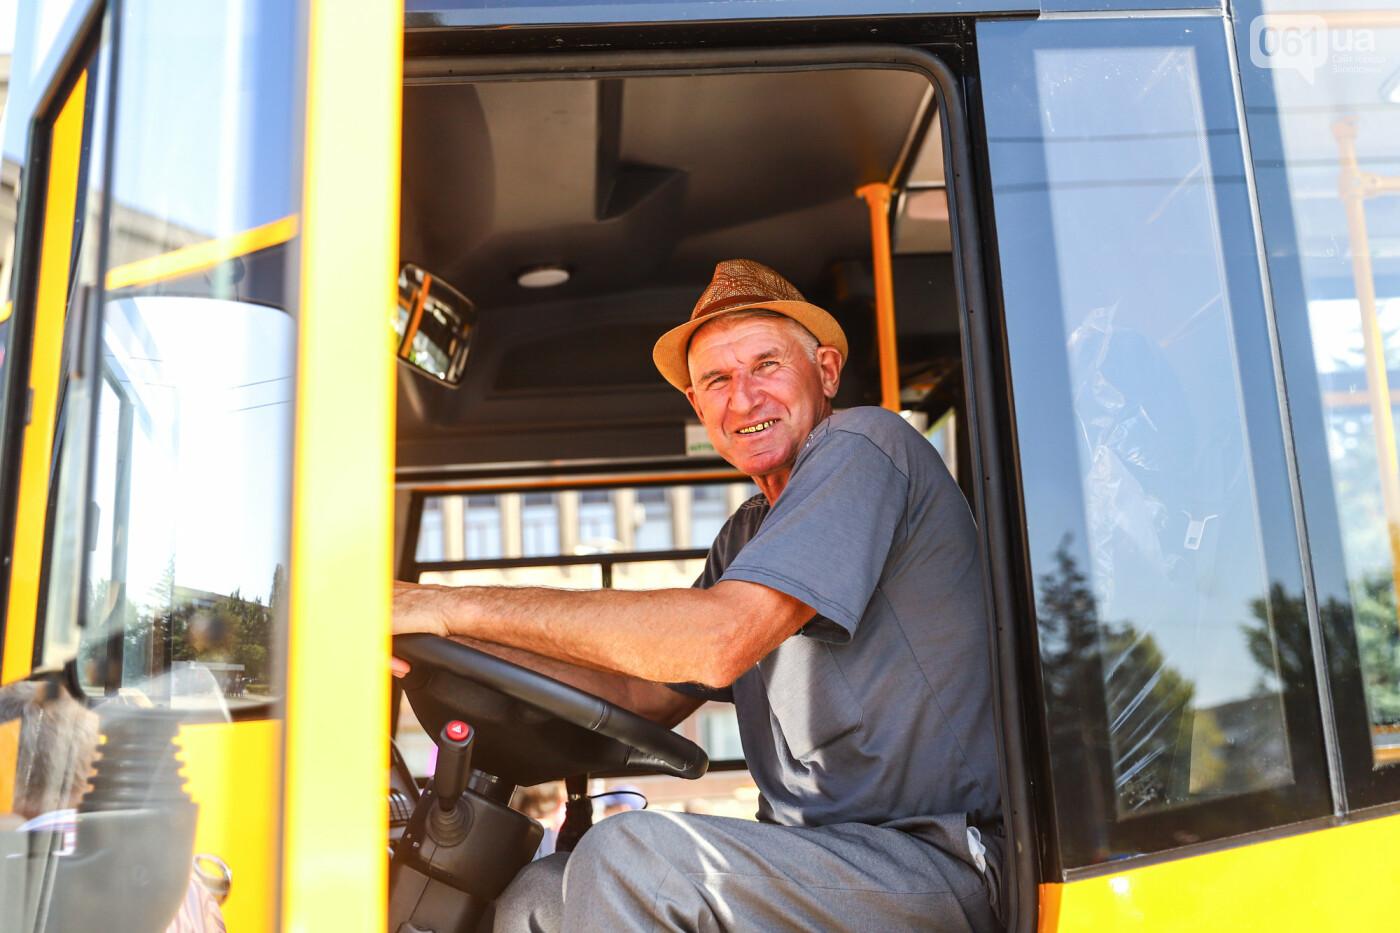 Громадам передали вторую партию школьных автобусов, собранных на ЗАЗ, - ФОТО, фото-4